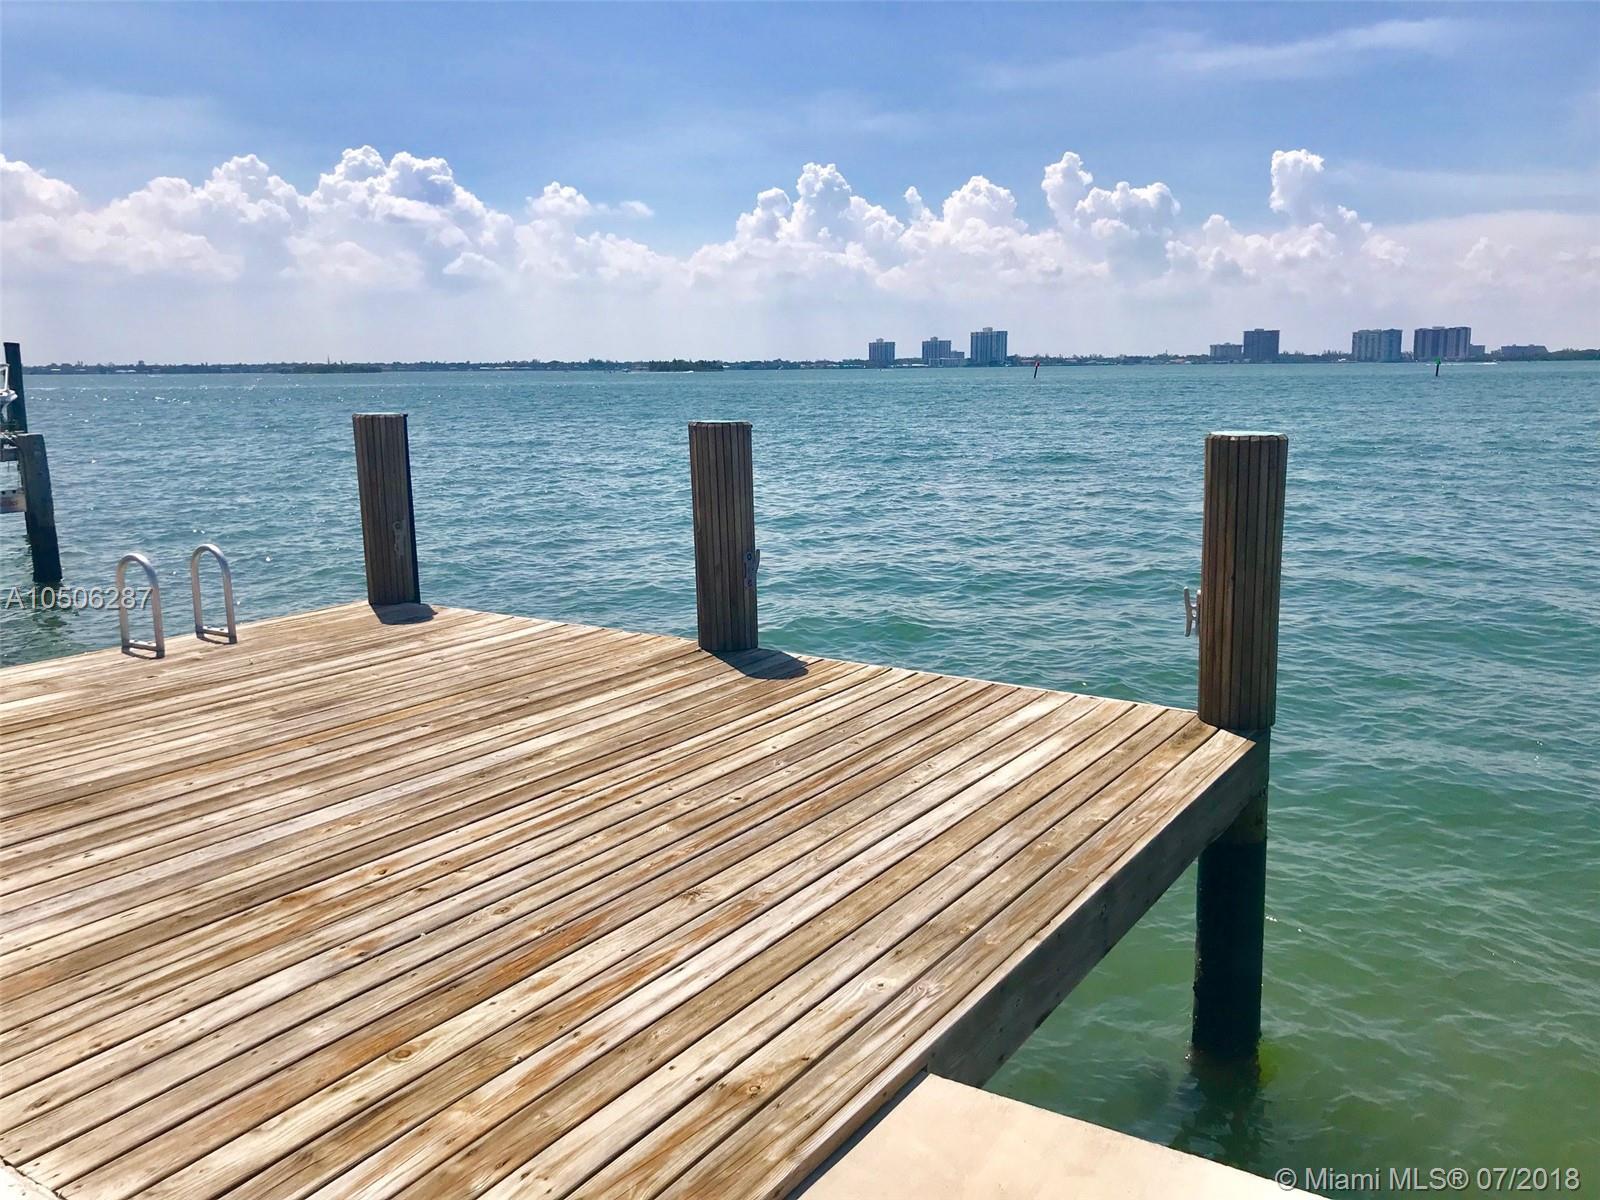 887 N Shore Dr, Miami Beach, FL 33141